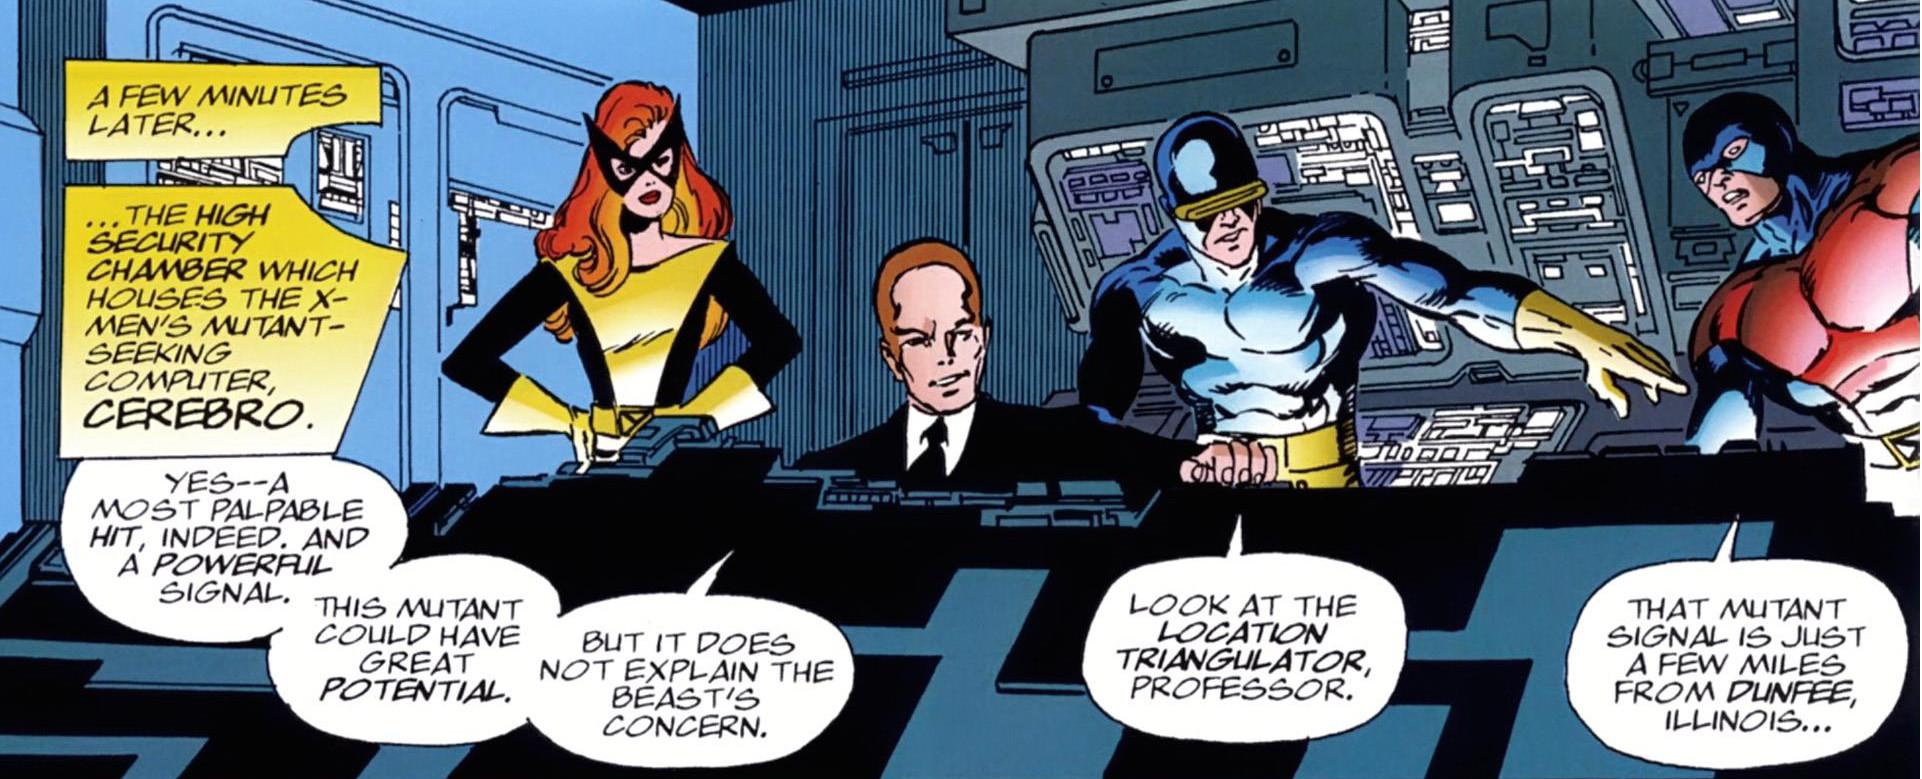 X-Men The Hidden Destroy All Mutants review